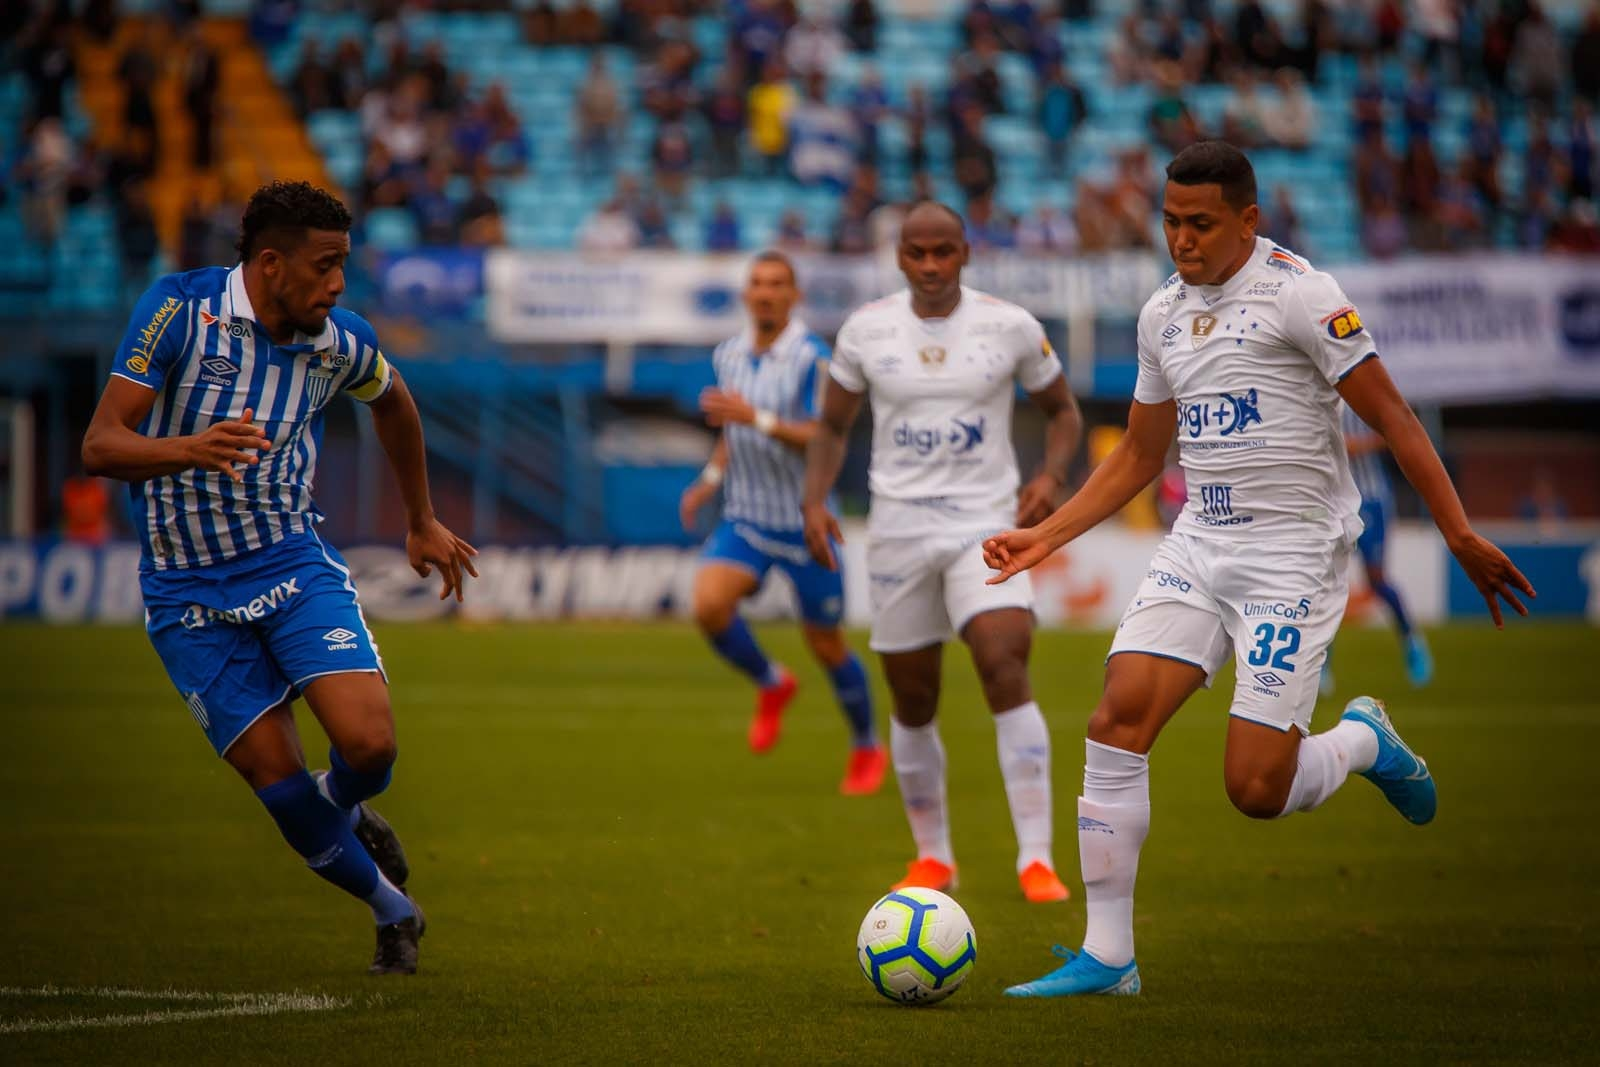 Apesar do empate, Cruzeiro jogou mal mais uma vez